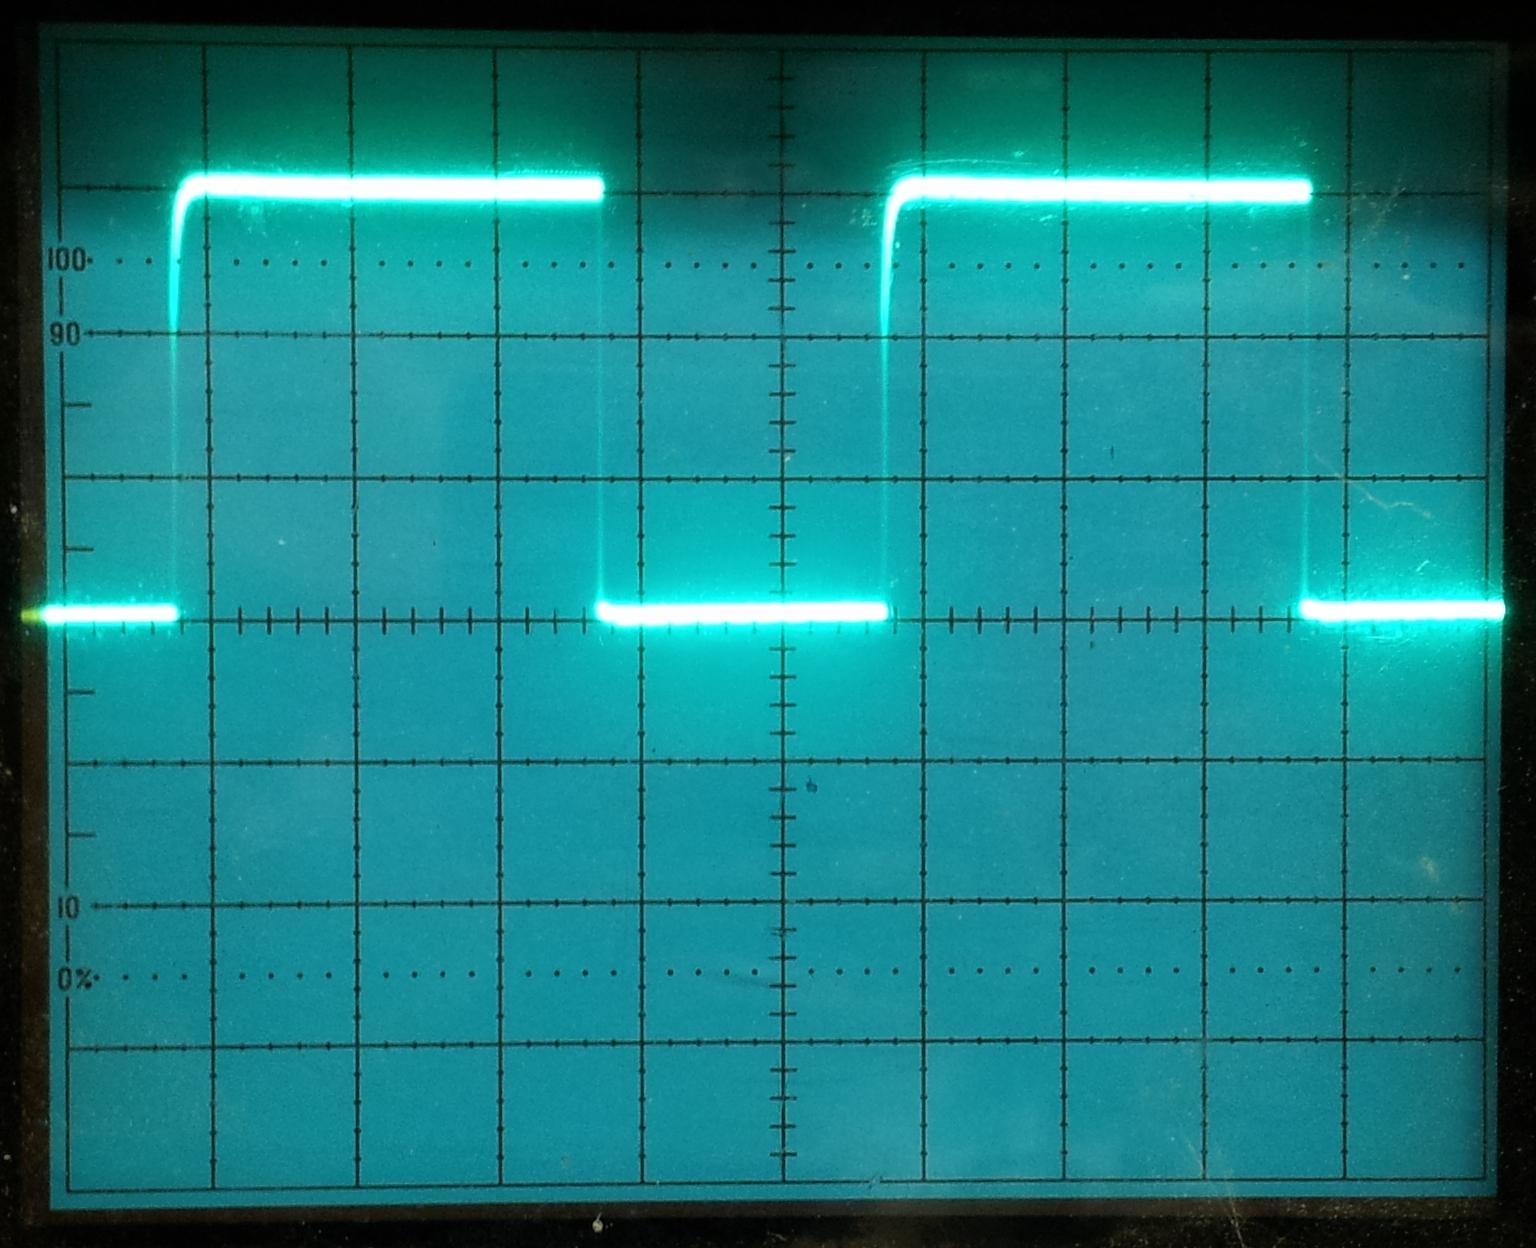 10 MHz Output